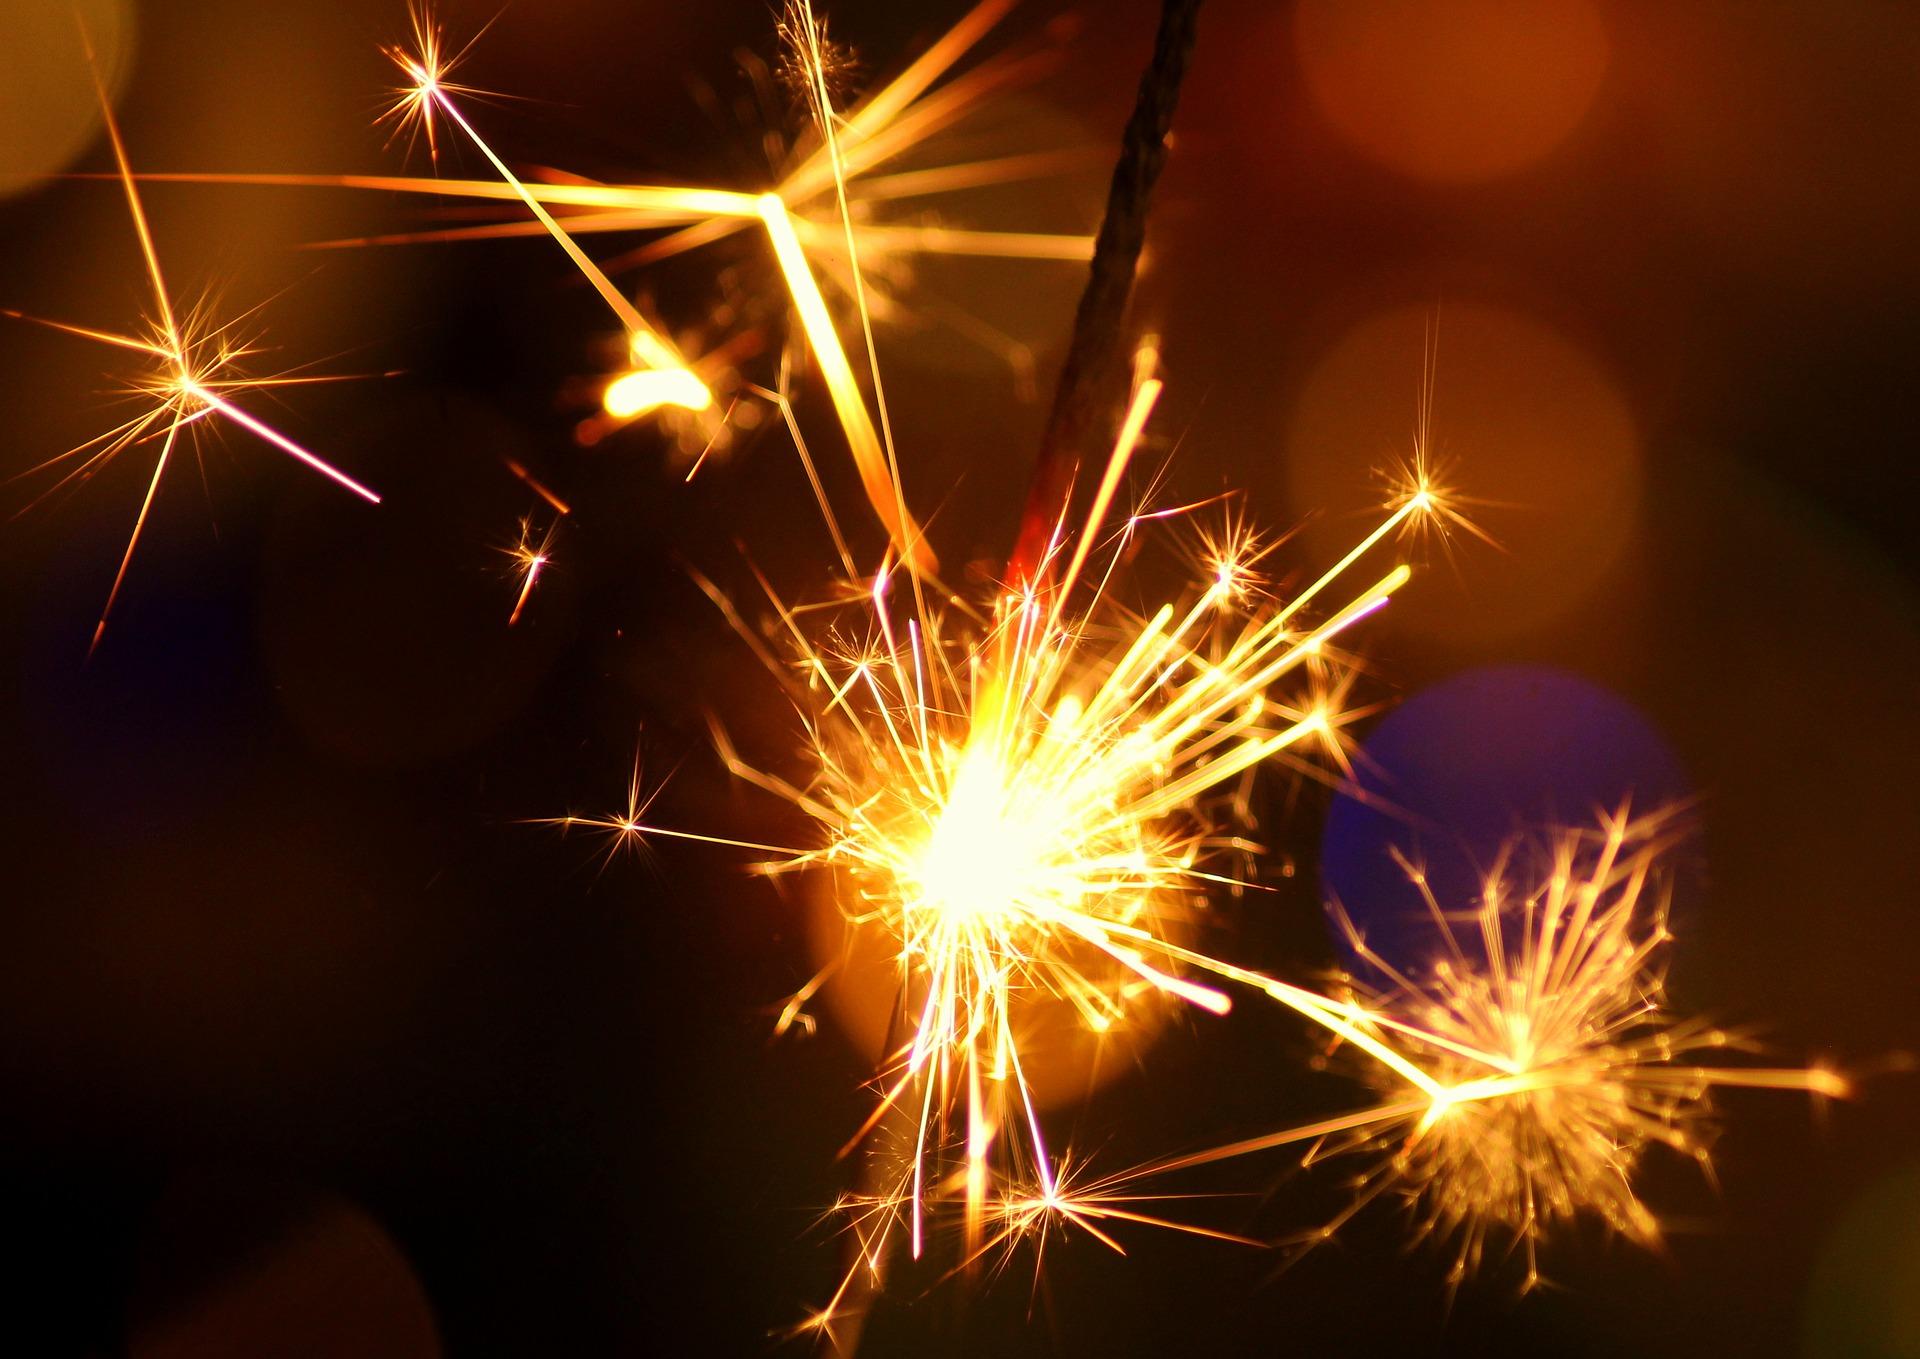 tomtebloss Pixabay sparkler